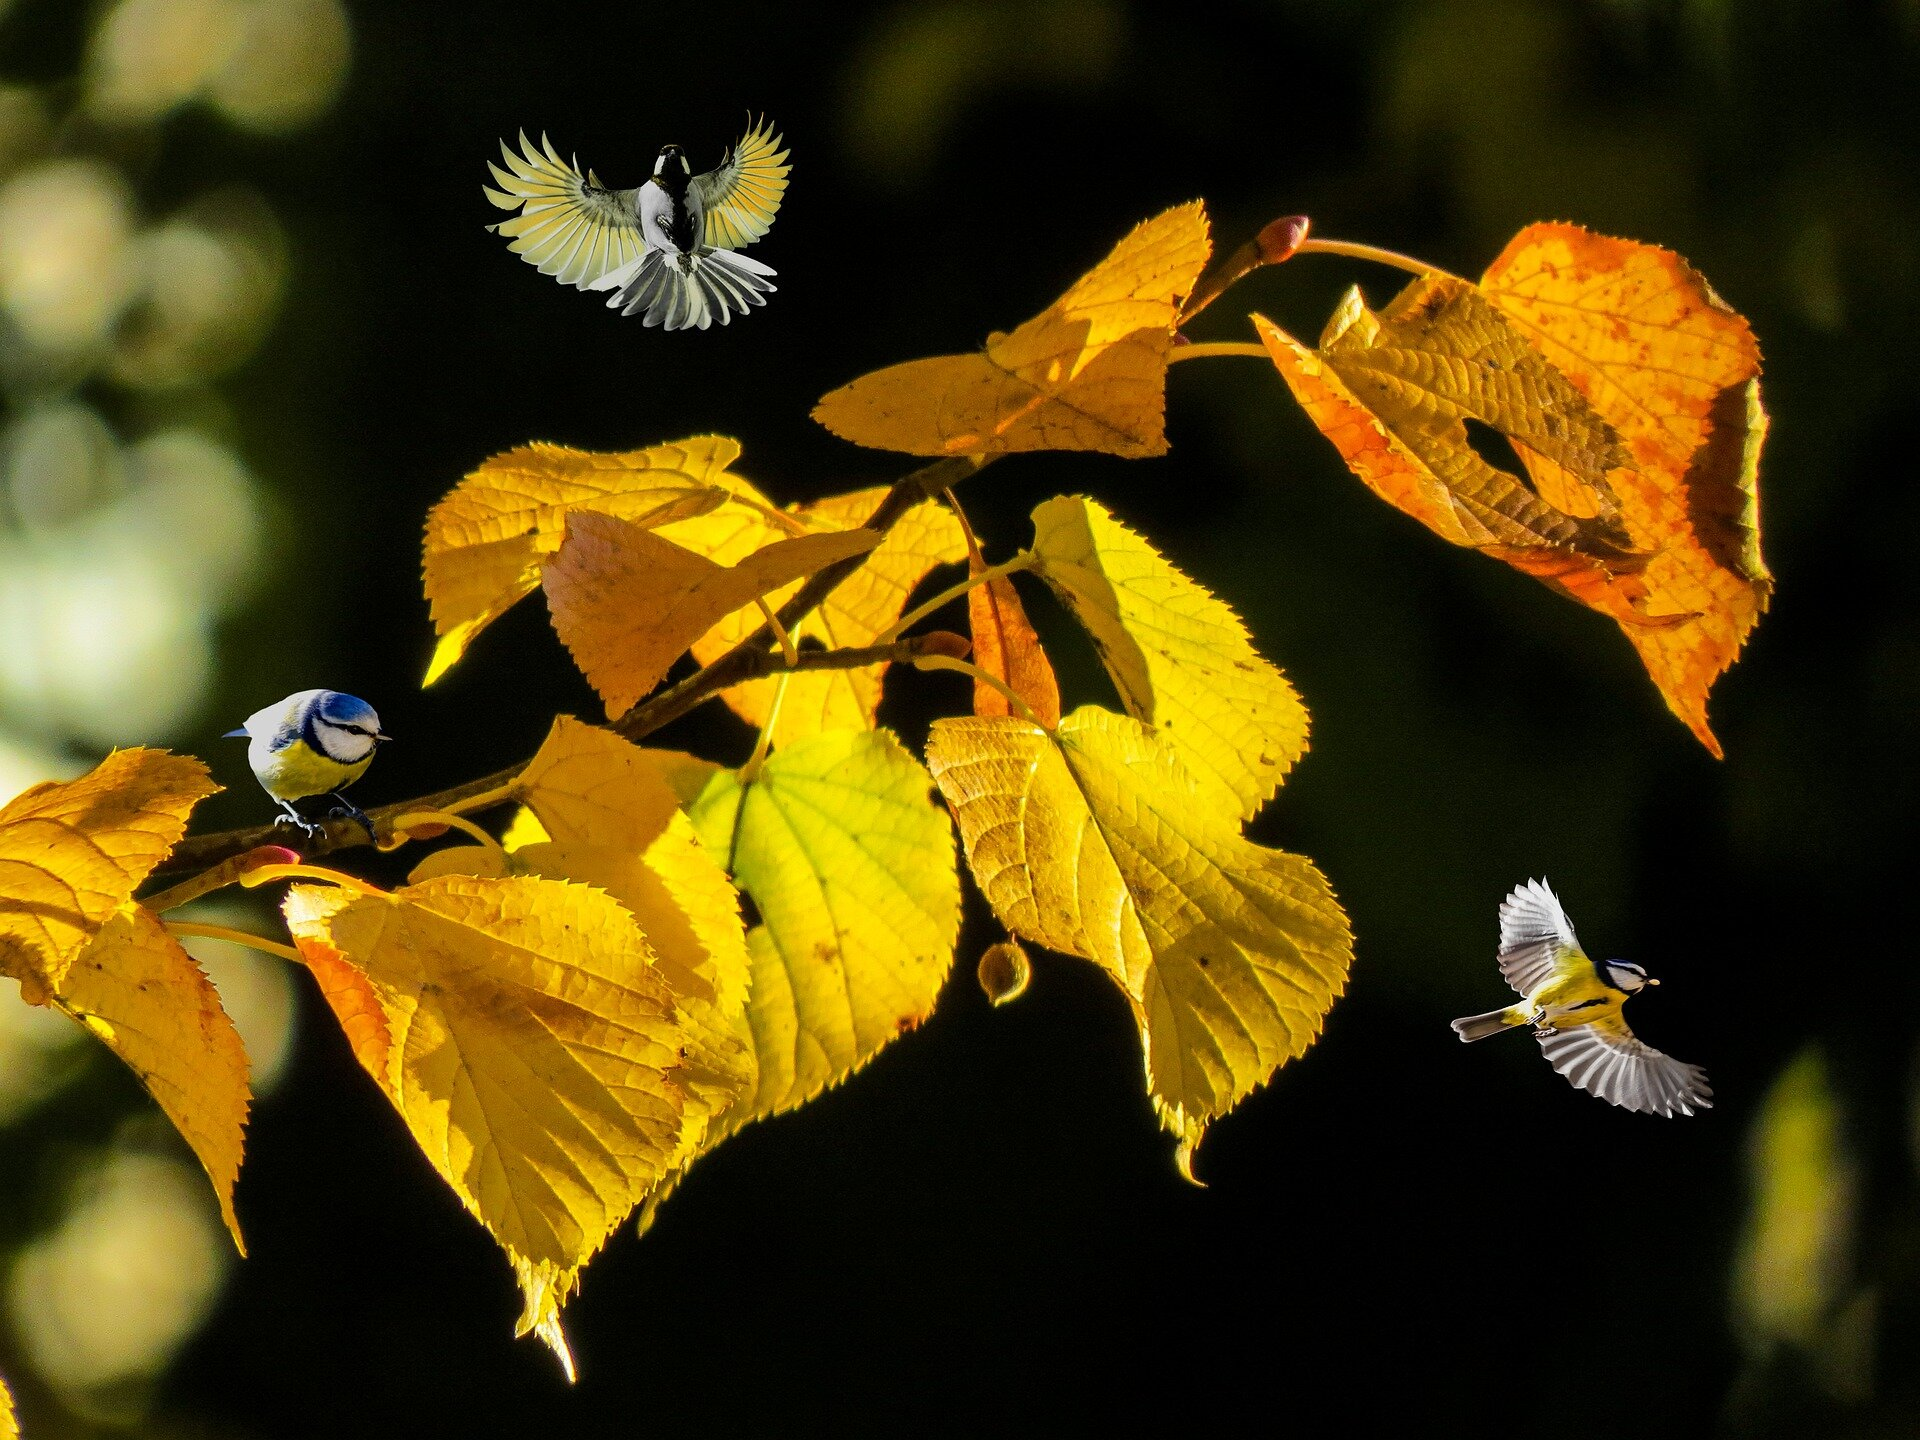 nature-4551933_1920.jpg